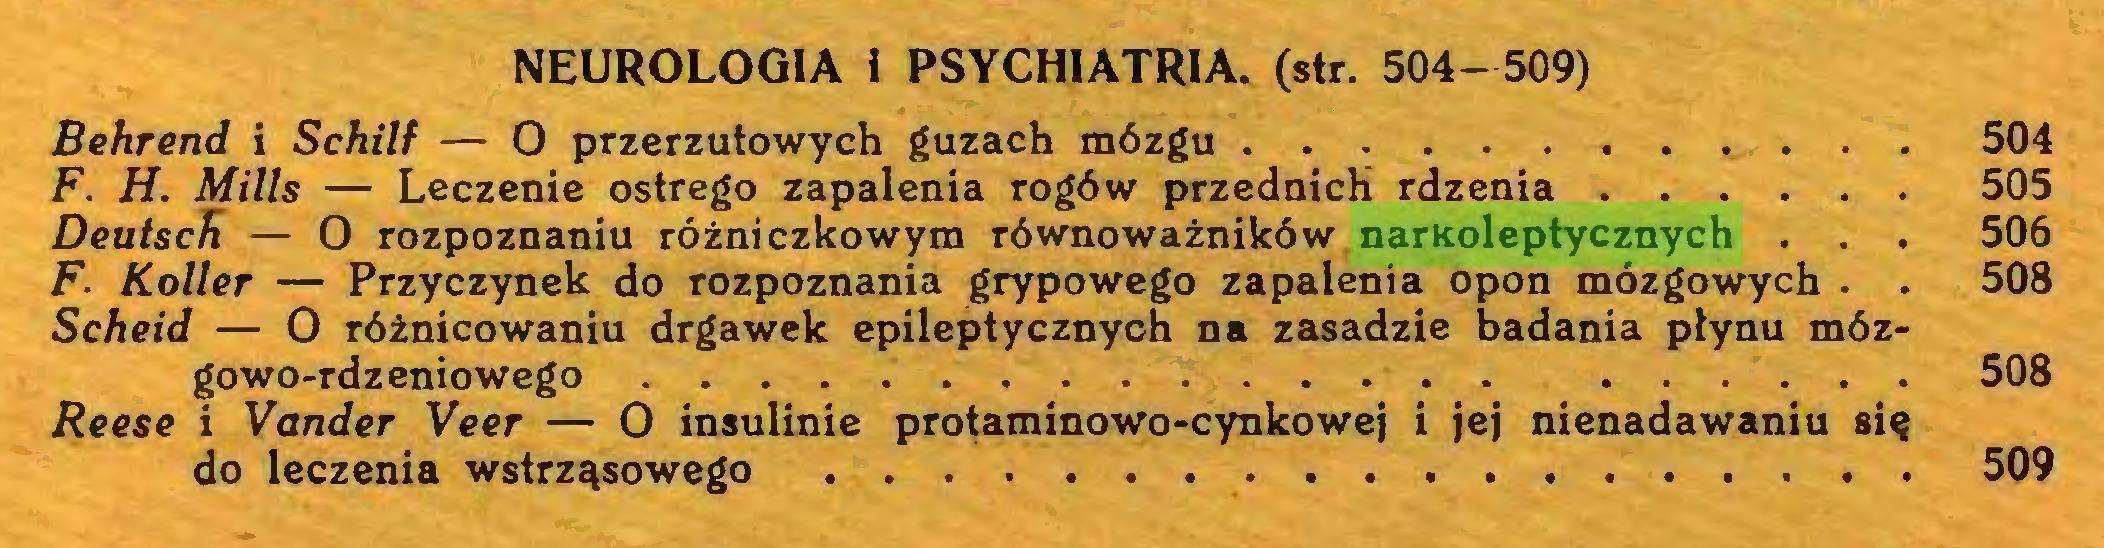 (...) NEUROLOGIA I PSYCHIATRIA, (str. 504- 509) Behrend i Schilf — O przerzutowych guzach mózgu 504 F. H. Mills — Leczenie ostrego zapalenia rogów przednich rdzenia 505 Deutsch — O rozpoznaniu różniczkowym równoważników narKoleptycznych . . . 506 F. Roller — Przyczynek do rozpoznania grypowego zapalenia opon mózgowych . . 508 Scheid — O różnicowaniu drgawek epileptycznych na zasadzie badania płynu mózgowo-rdzeniowego 508 Reese i Vander Veer — O insulinie protaminowo-cynkowej i jej nienadawaniu się do leczenia wstrząsowego 509...